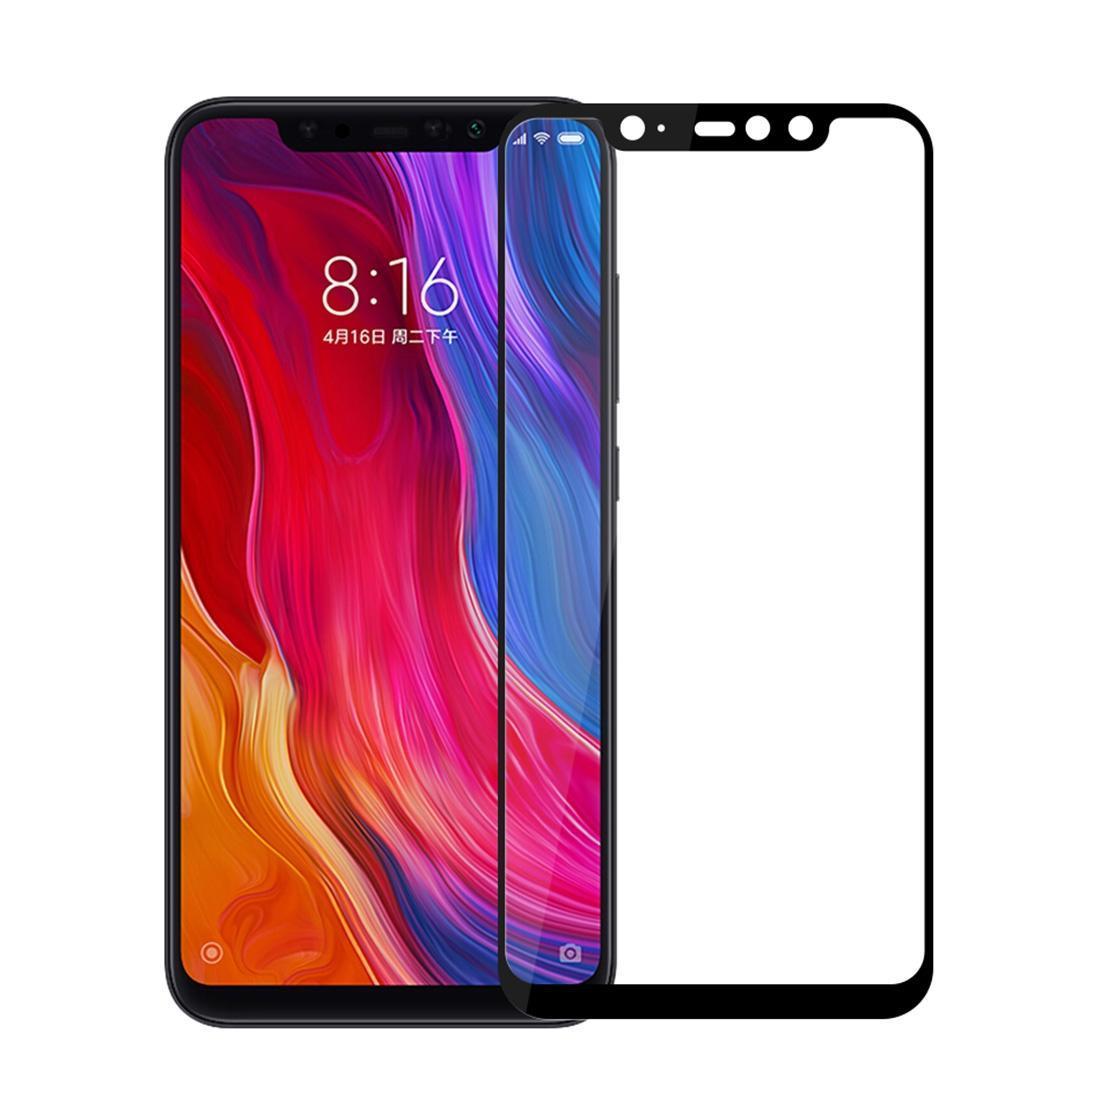 Случая 9Н твердость поверхности 2.5 D край дуги полный экран закаленное стекло пленка для Xiaomi Pocophone Ф1